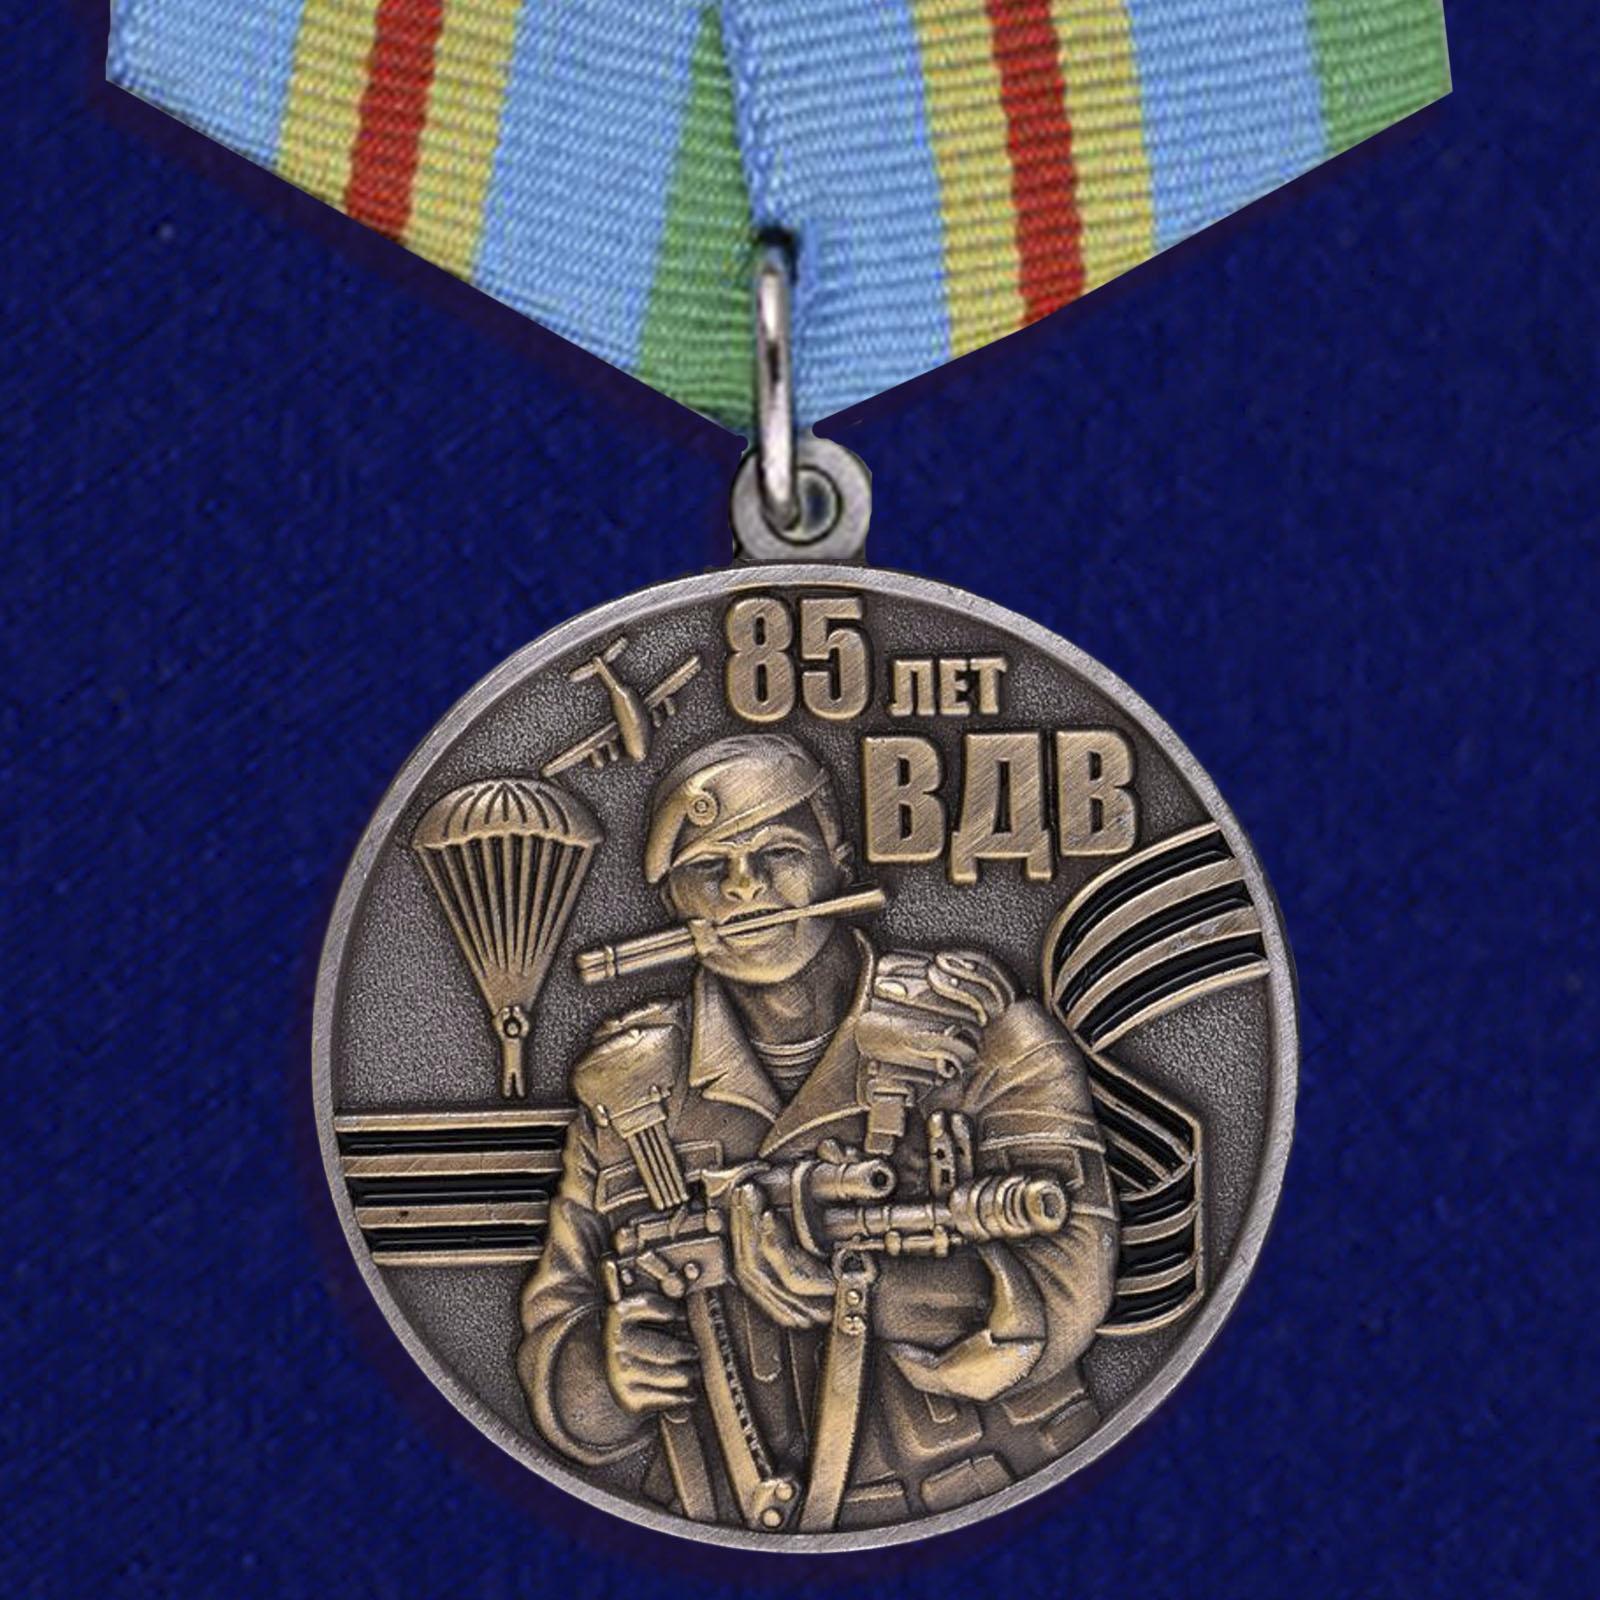 Купить медаль ВДВ для лучших представителей воздушного десанта на подставке онлайн